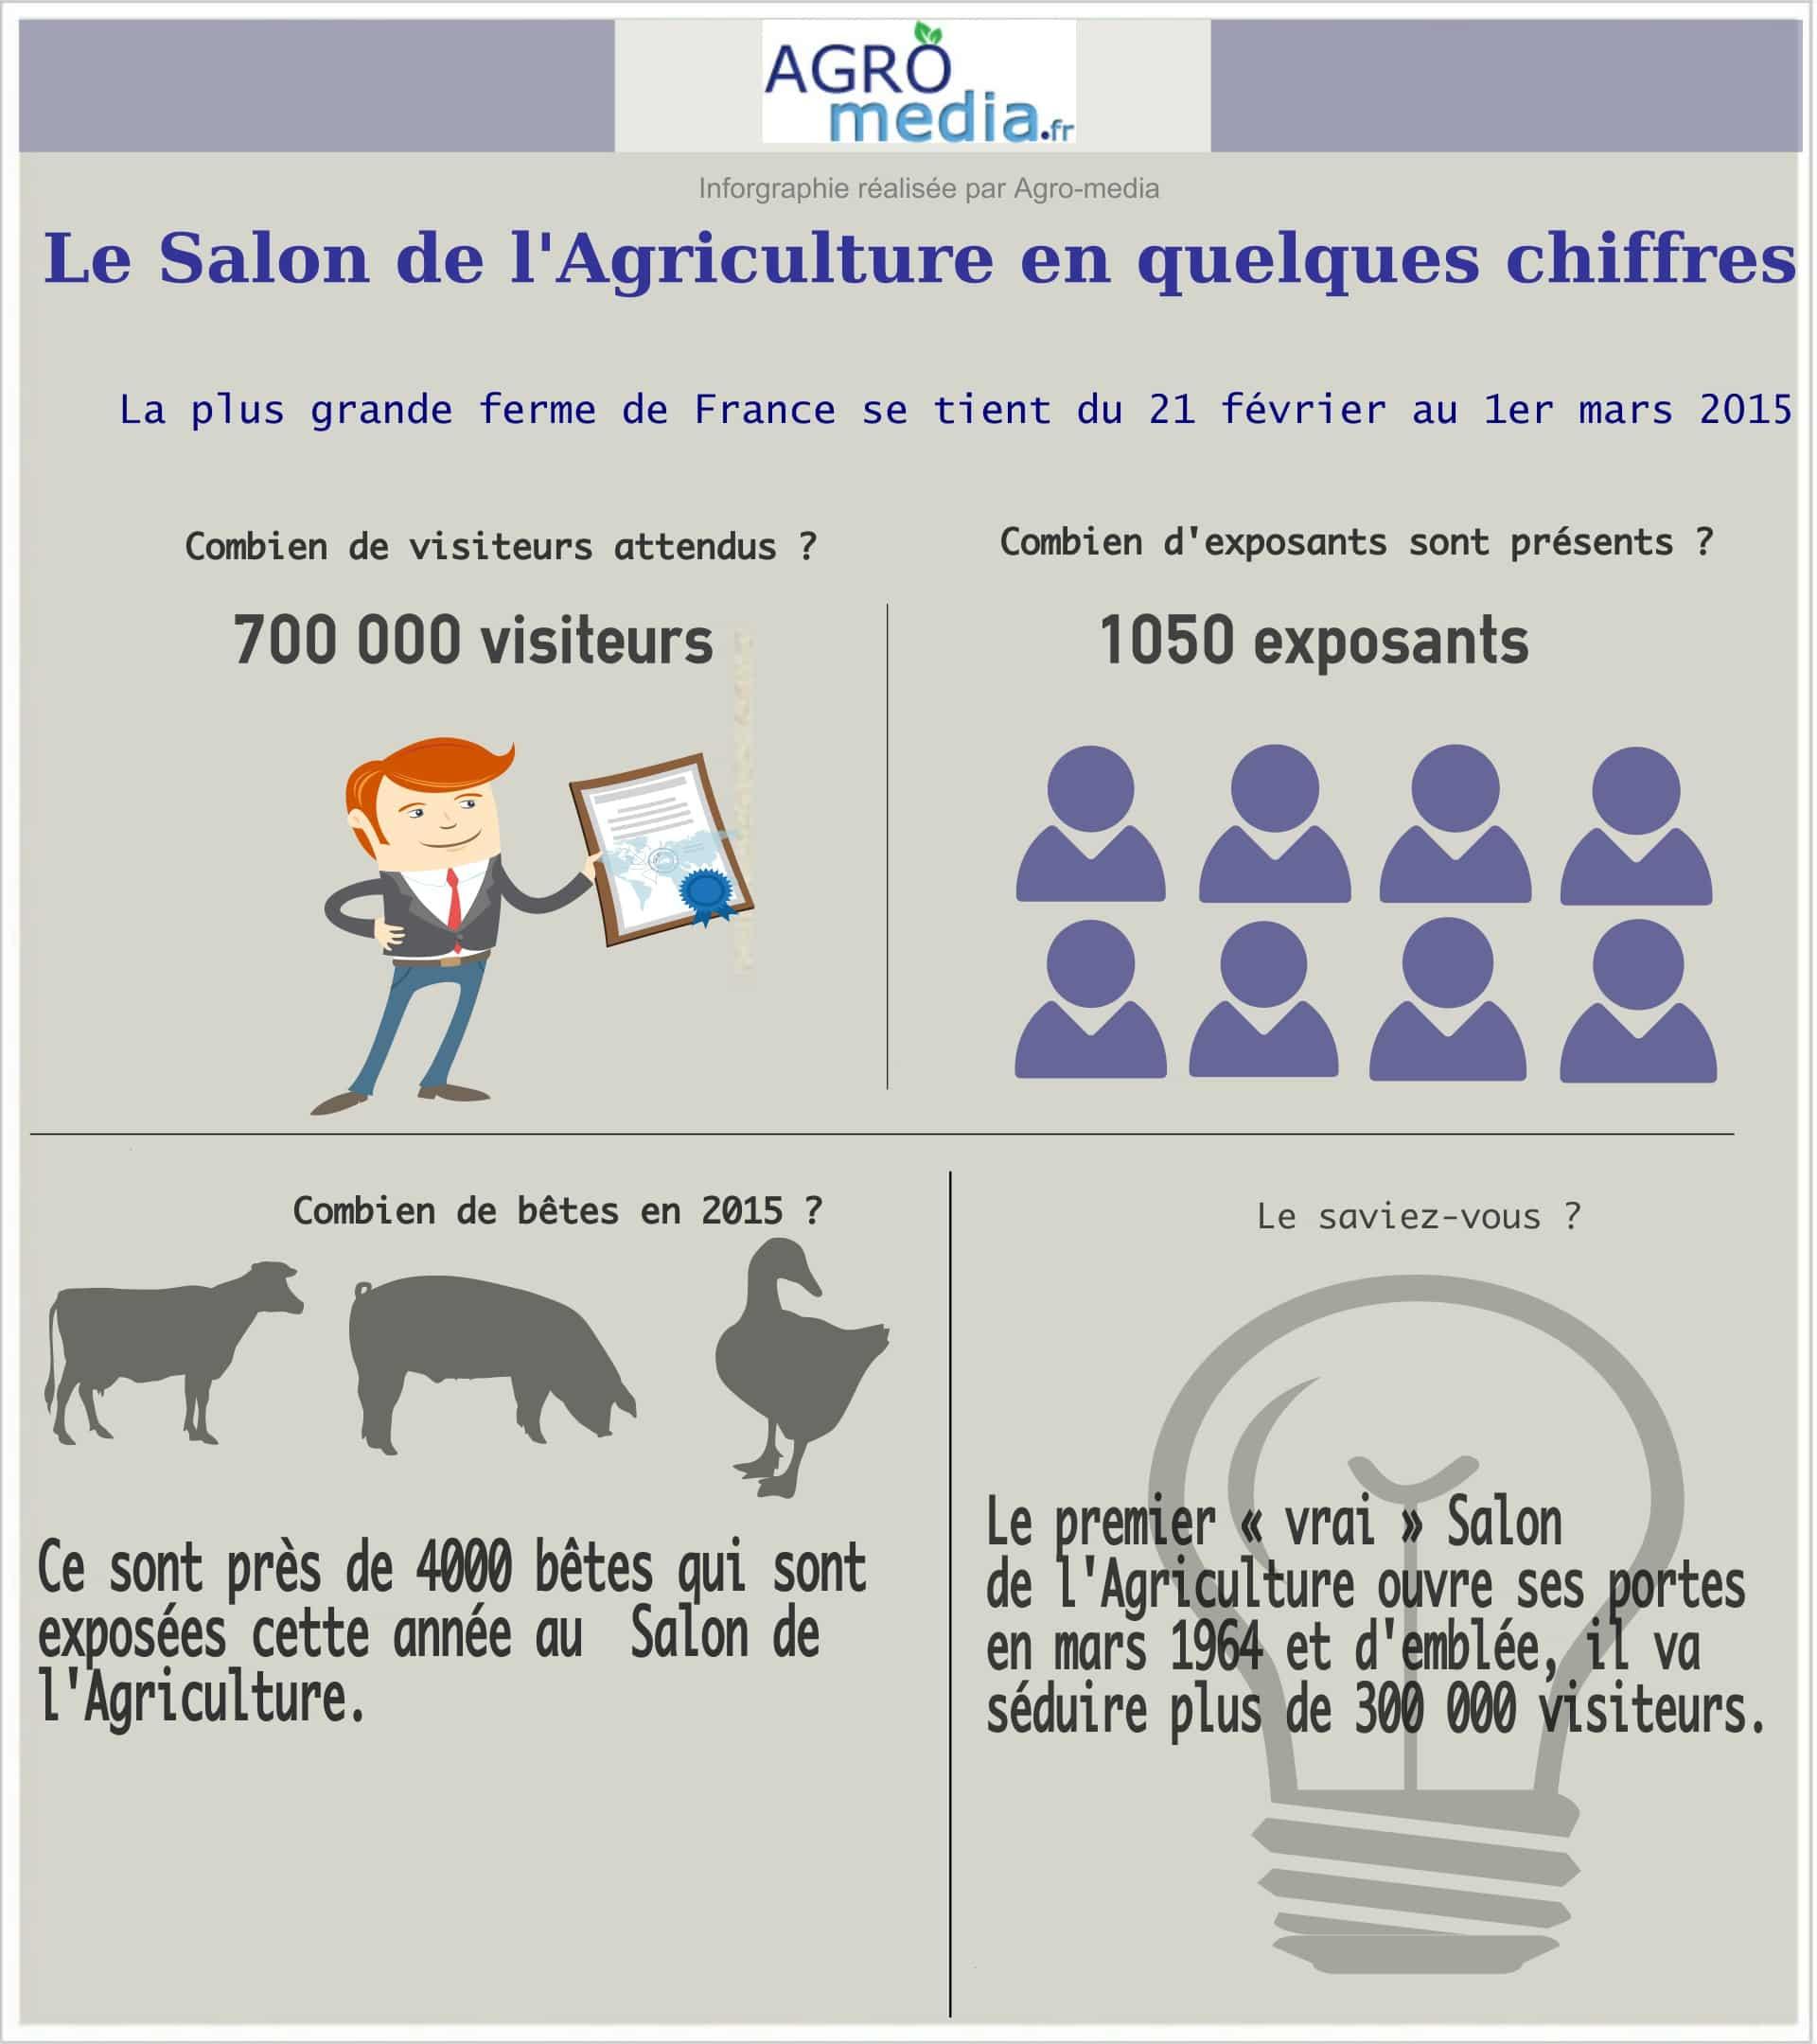 Le salon de l 39 agriculture le grand show de nos campagnes qui rapporte gros analyse agro media - Programme salon agriculture 2015 ...